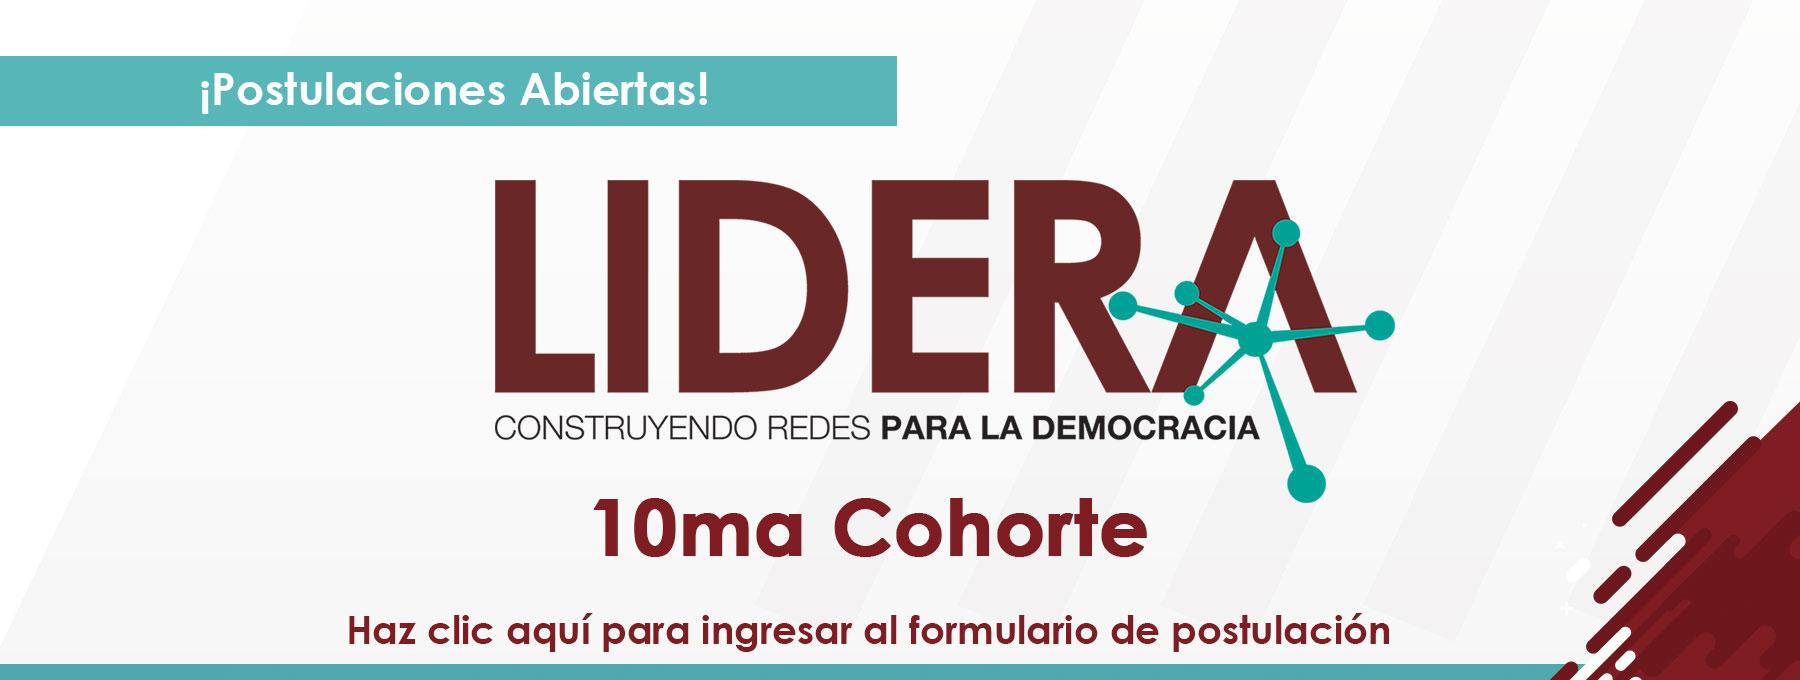 Banner-Pag-Web-Postulaciones-Lidera